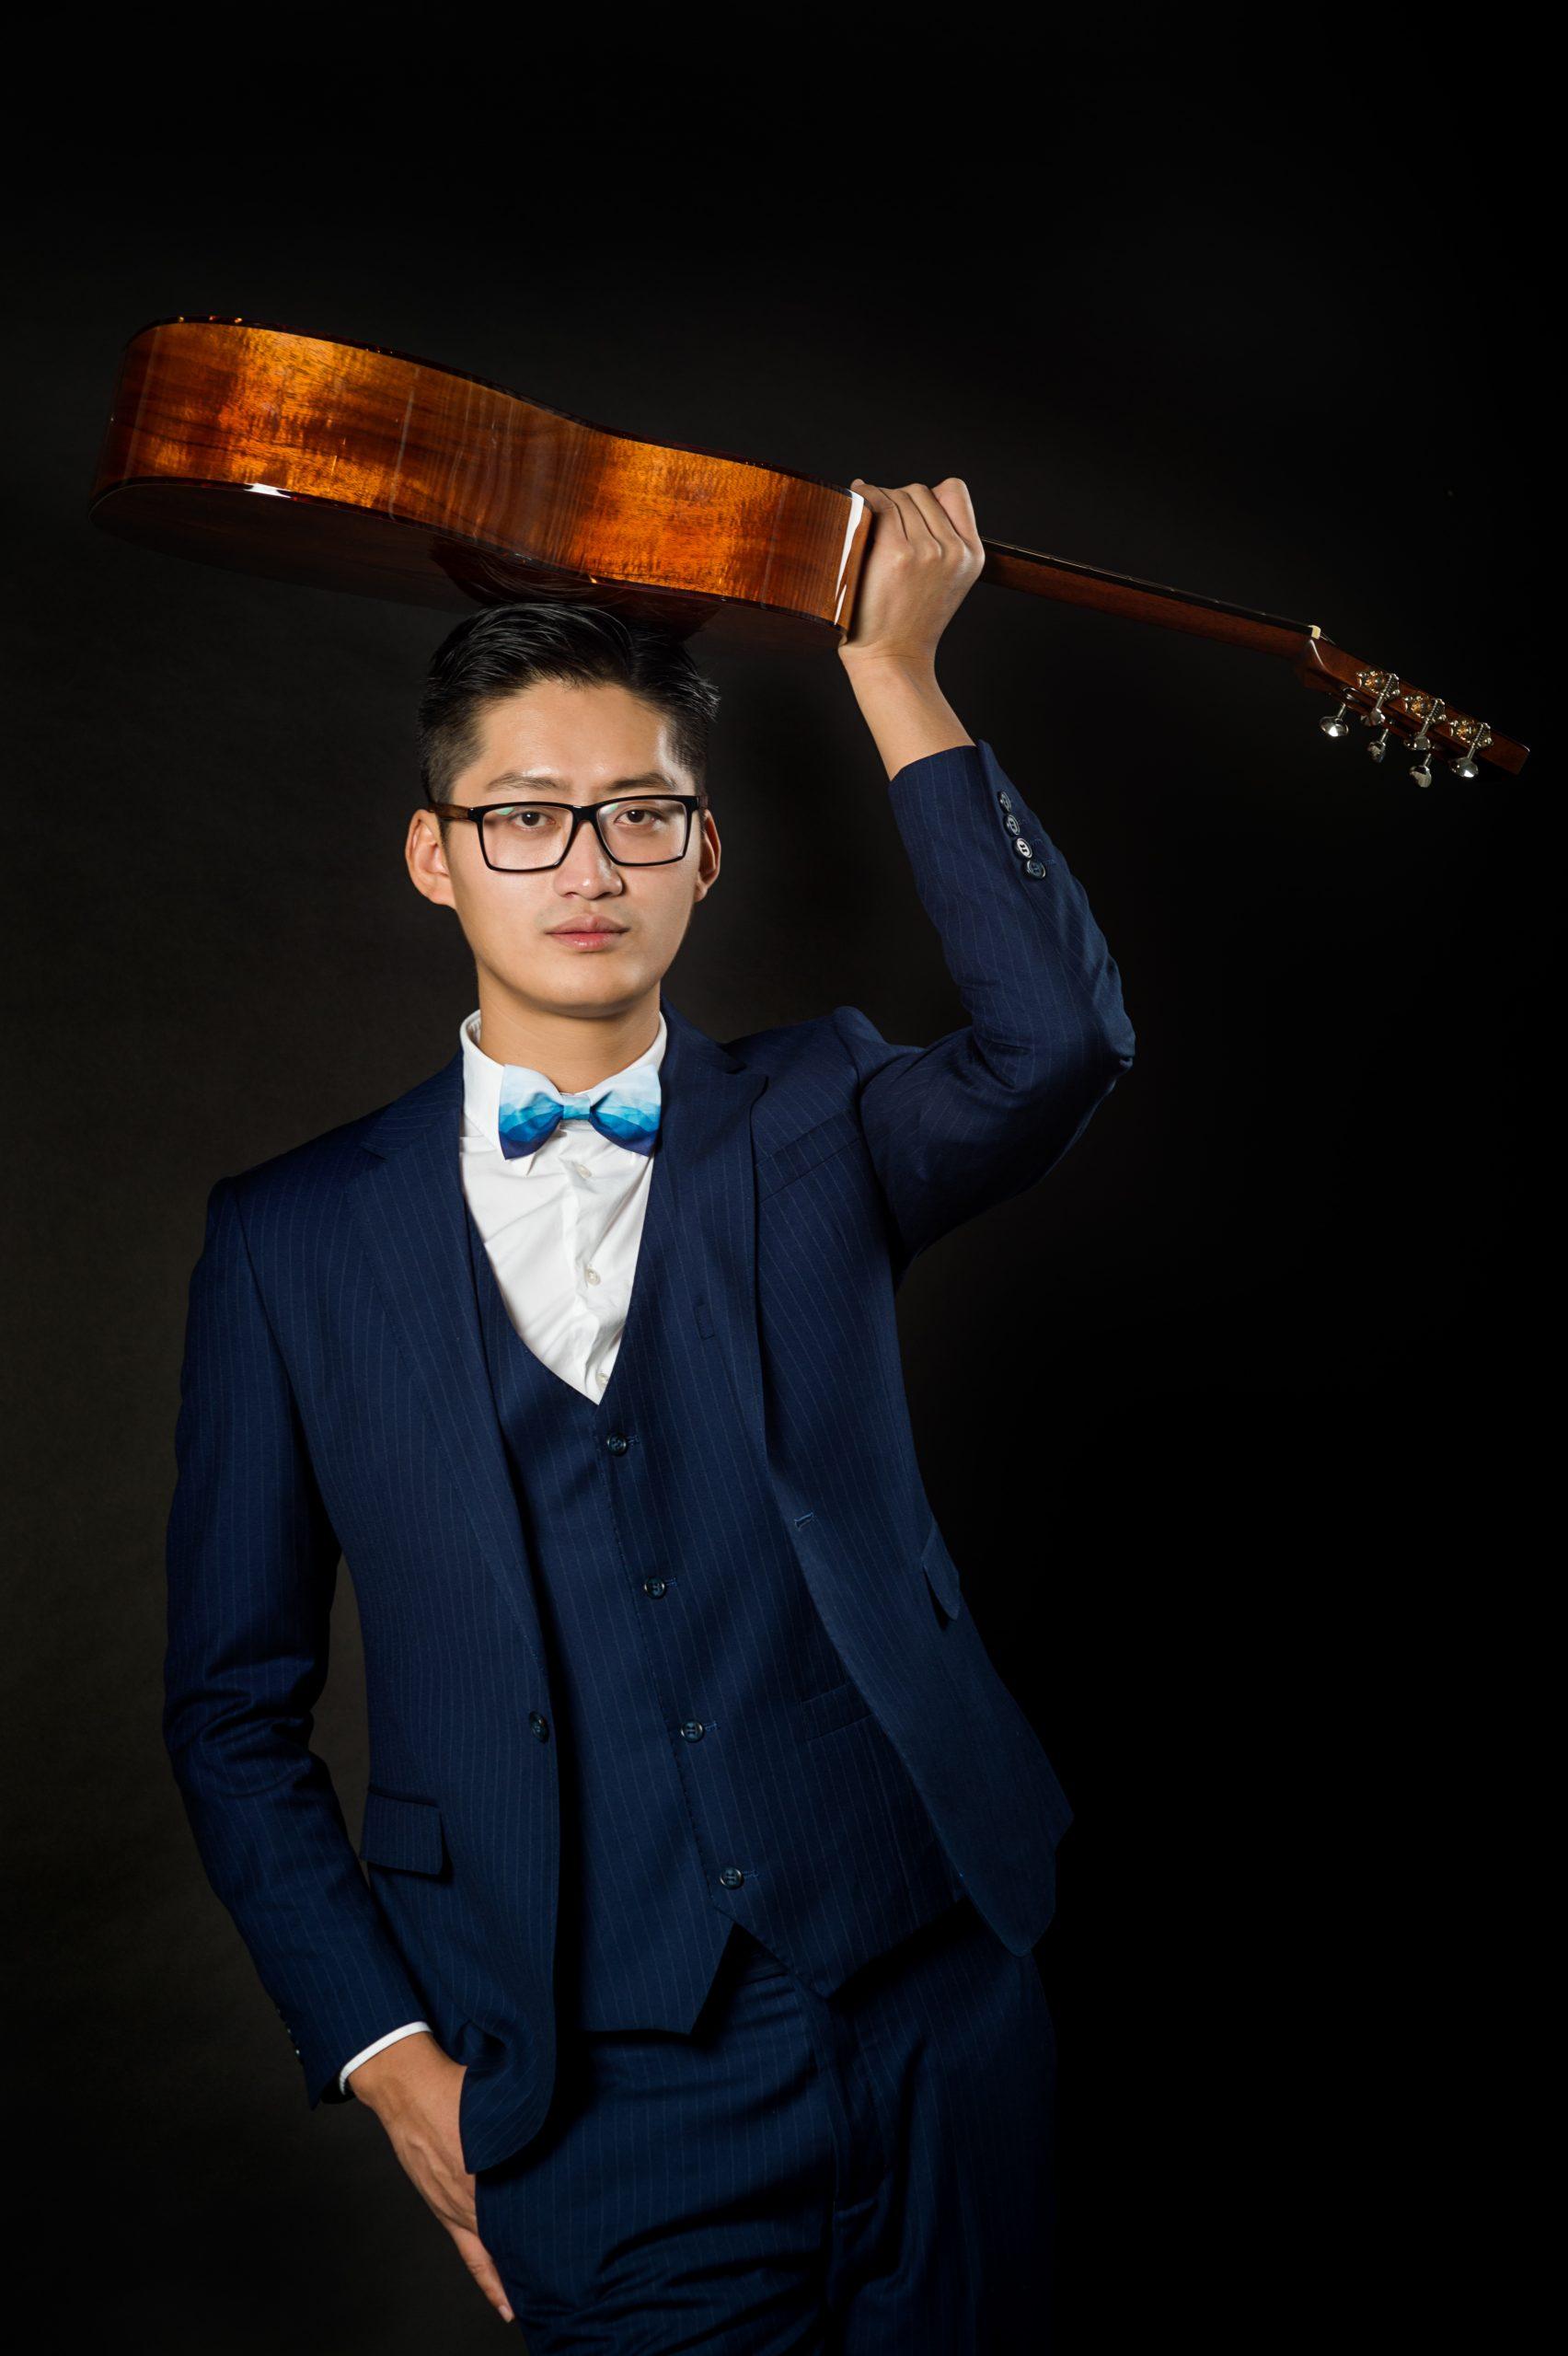 青年演奏家吴迪教学预约上线